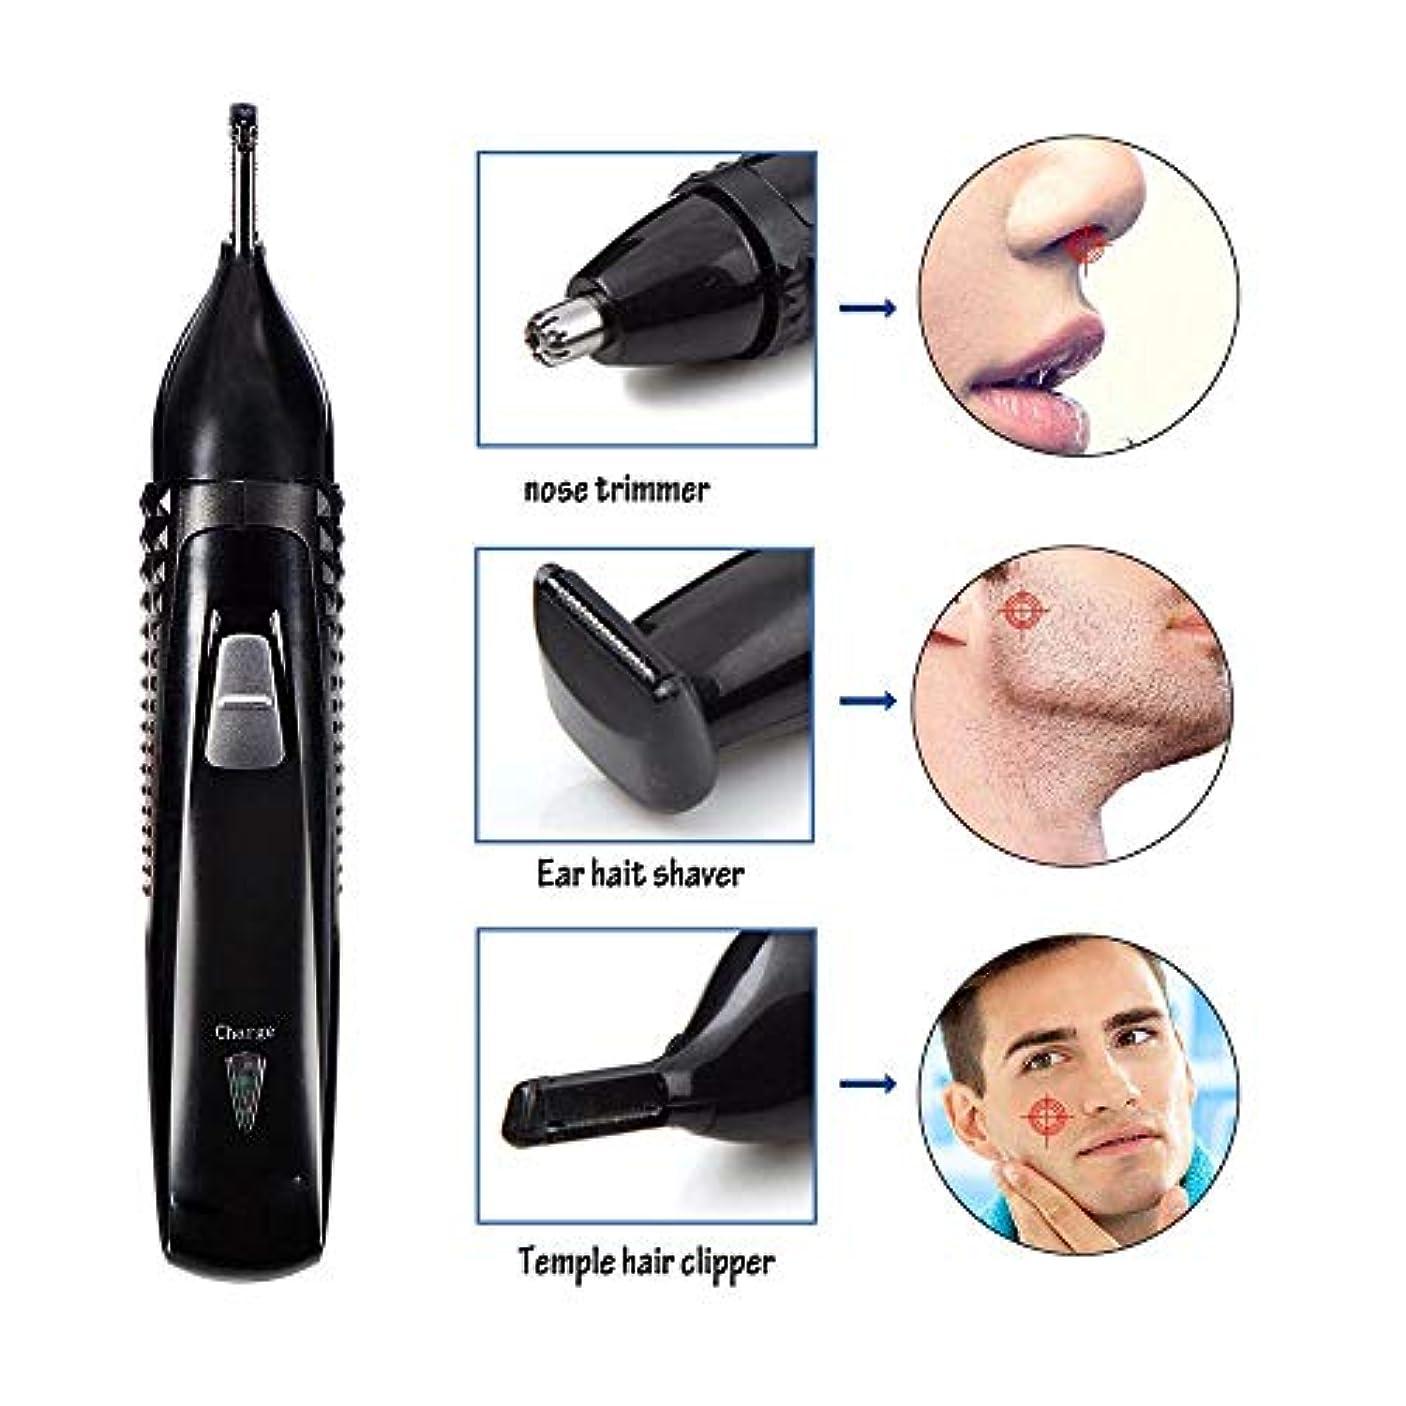 パネル刺繍咽頭男性の女性のための電子鼻の耳の毛のトリマー、1で3つの充電式鼻の毛のトリマー鼻&耳の男性の耳鼻毛カッターの顔のケア